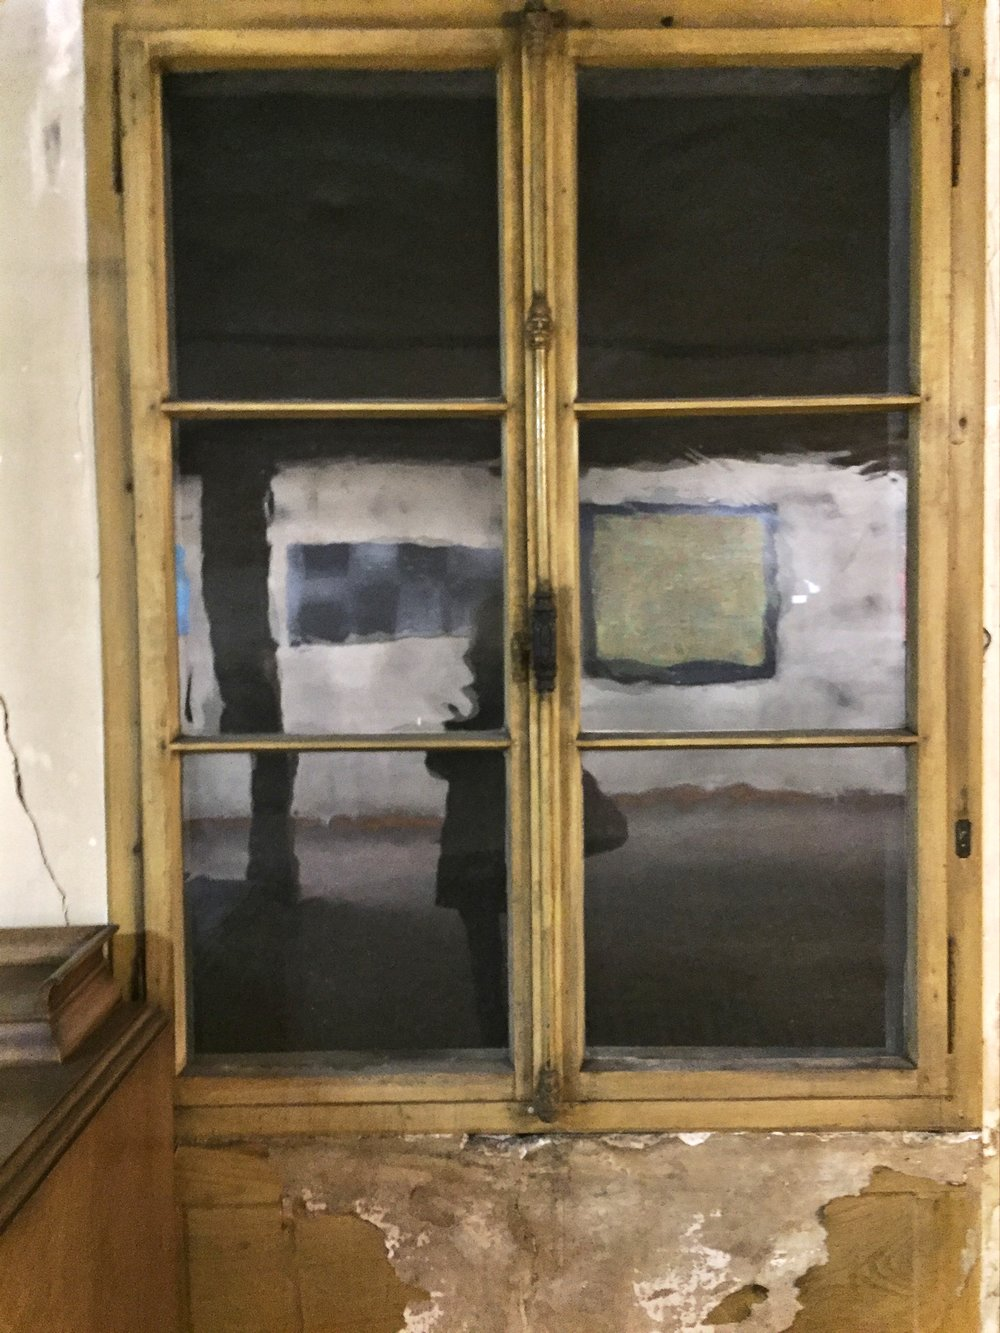 """""""fliesst"""" - wie damals - in unserem alten Haus, Fensterscheiben, welche leben - nicht gleichmässig sind, Spuren zeigen - so wie ich?     http://www.petershof.ch"""